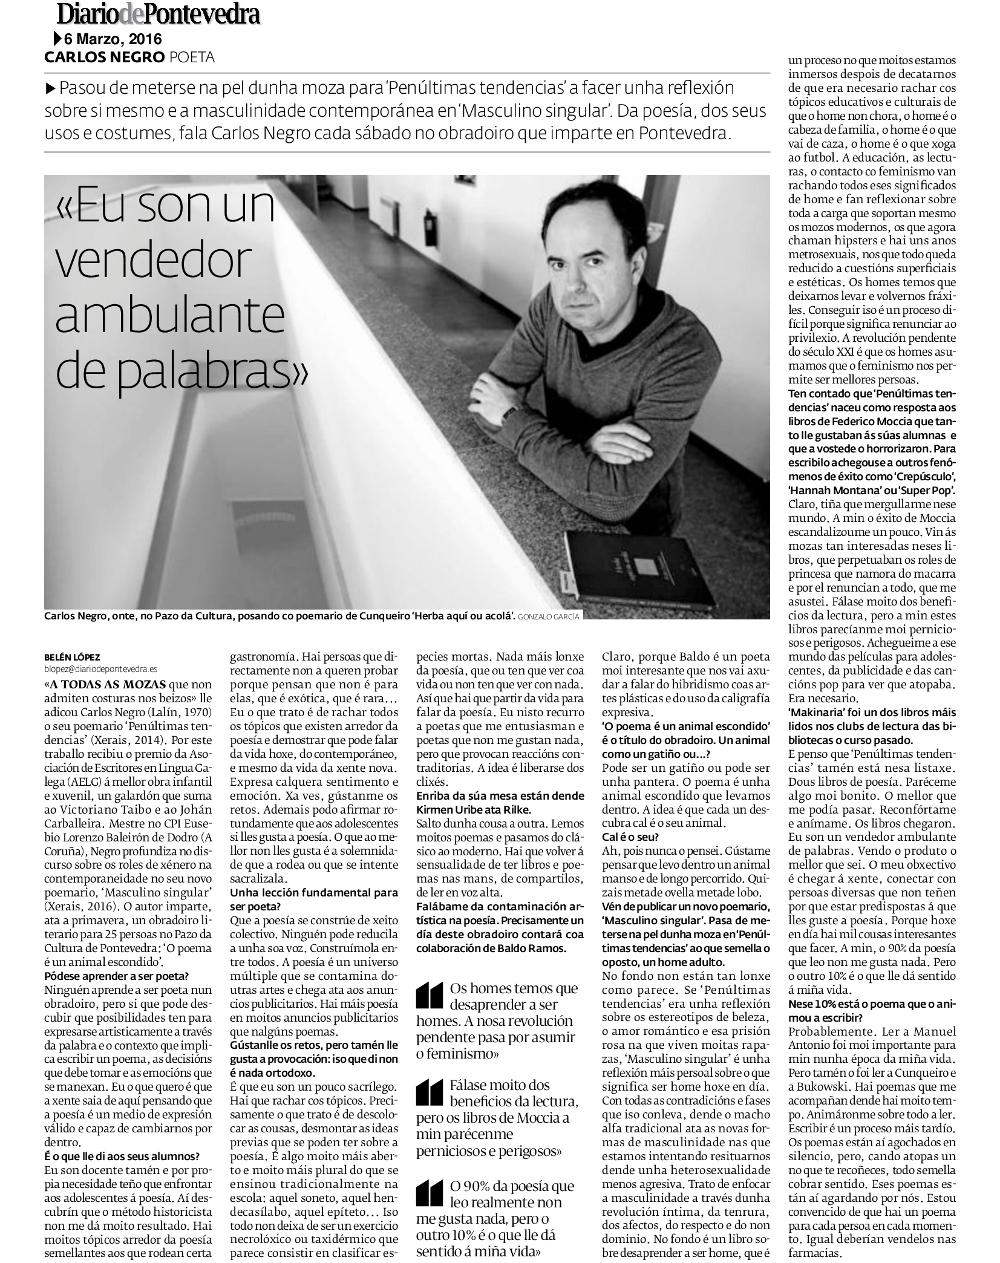 Entrevista Diario de Pontevedra Carlos Negro